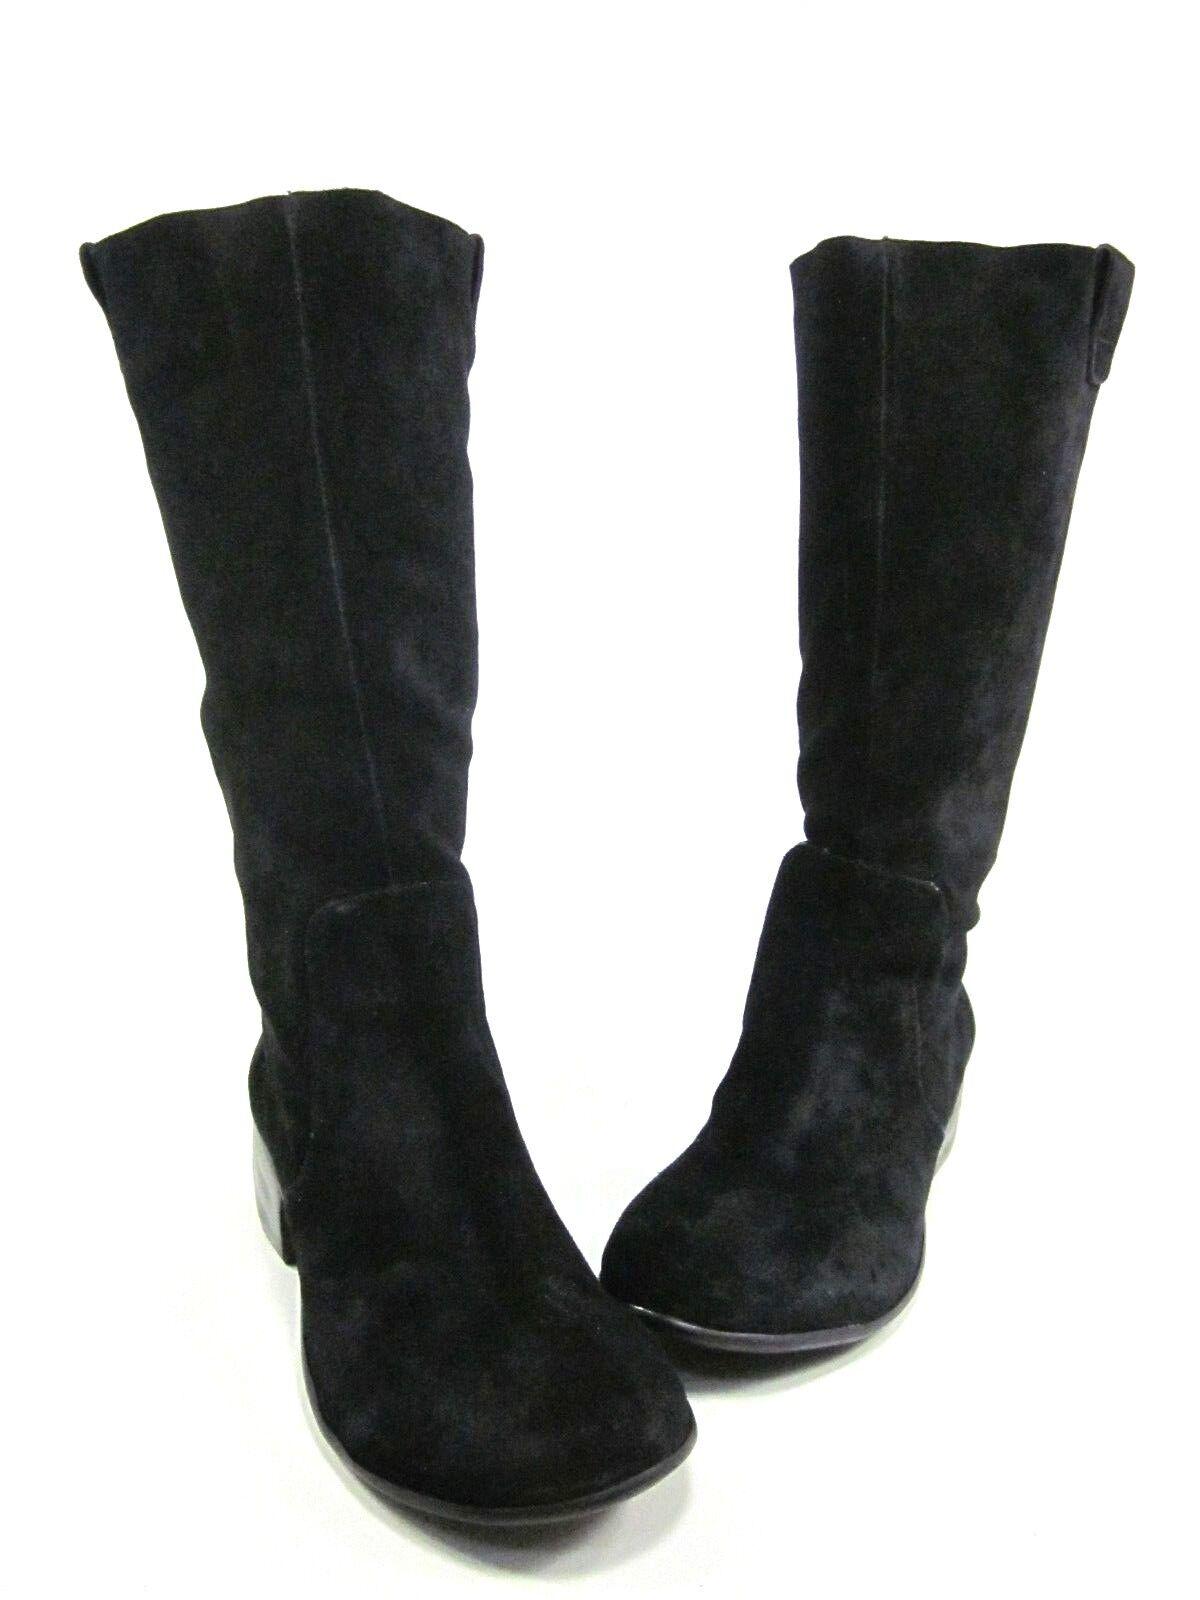 HK BY HEIDI KLUM damen MILEY SUEDE Stiefel, schwarz, US Größe 11 M, NEW W O BOX